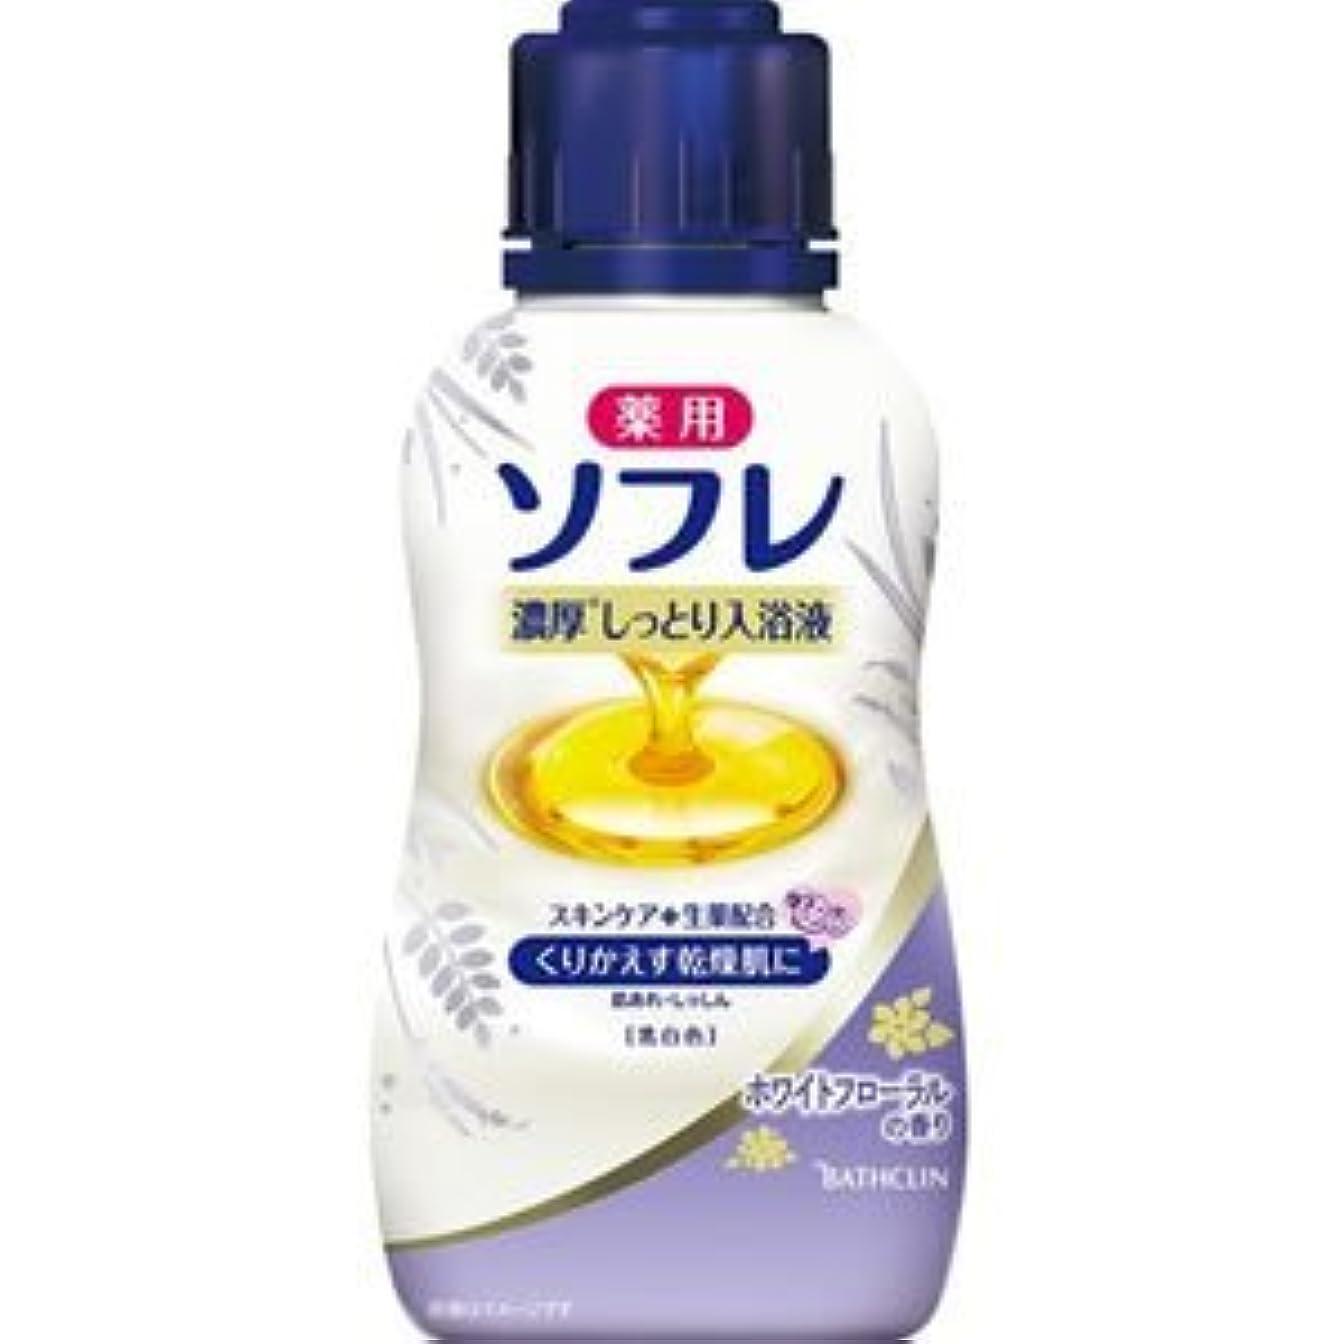 上へ柔らかい足贅沢な(バスクリン)薬用ソフレ 濃厚しっとり入浴液(ホワイトフローラルの香り)480ml(医薬部外品)